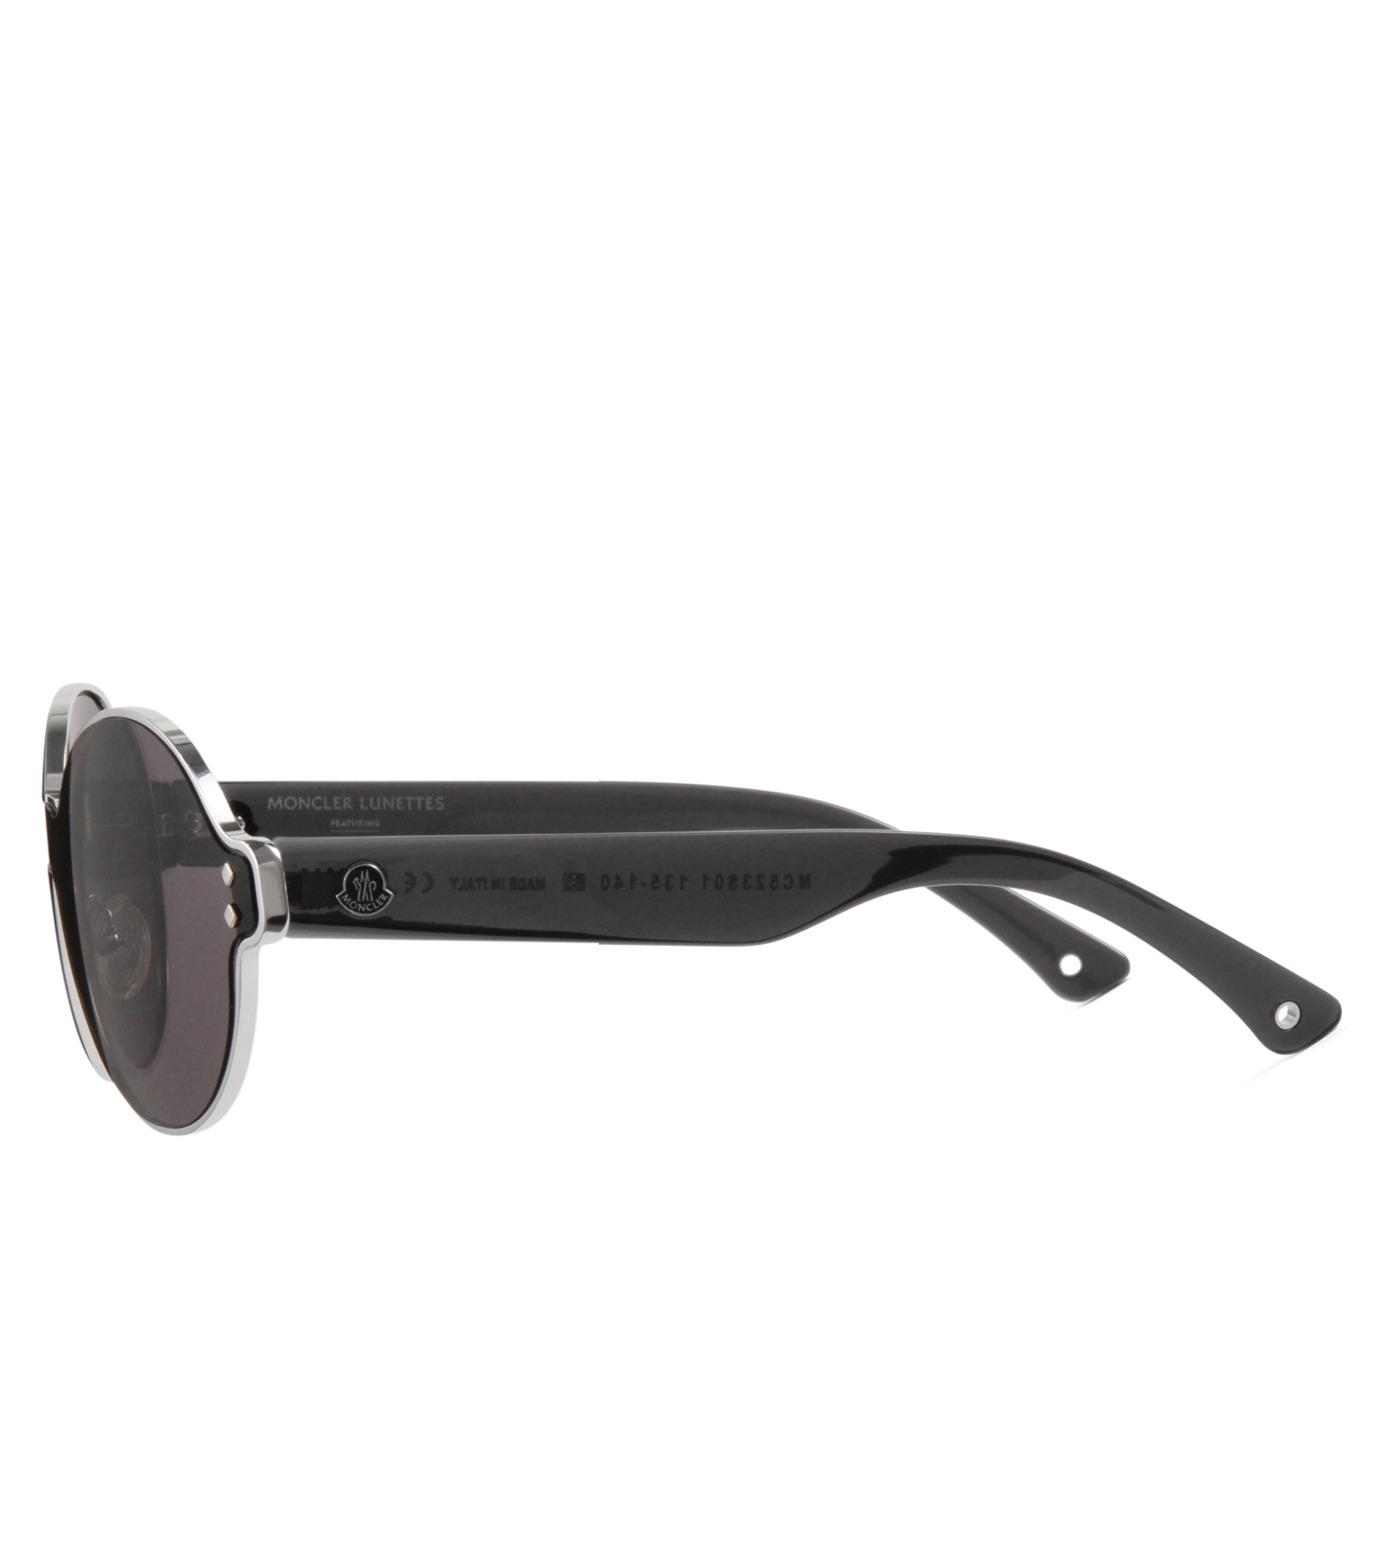 Moncler Eyewear(モンクレールアイウェア)のEYEWEAR-BLACK(アイウェア/eyewear)-MC523-13 拡大詳細画像2